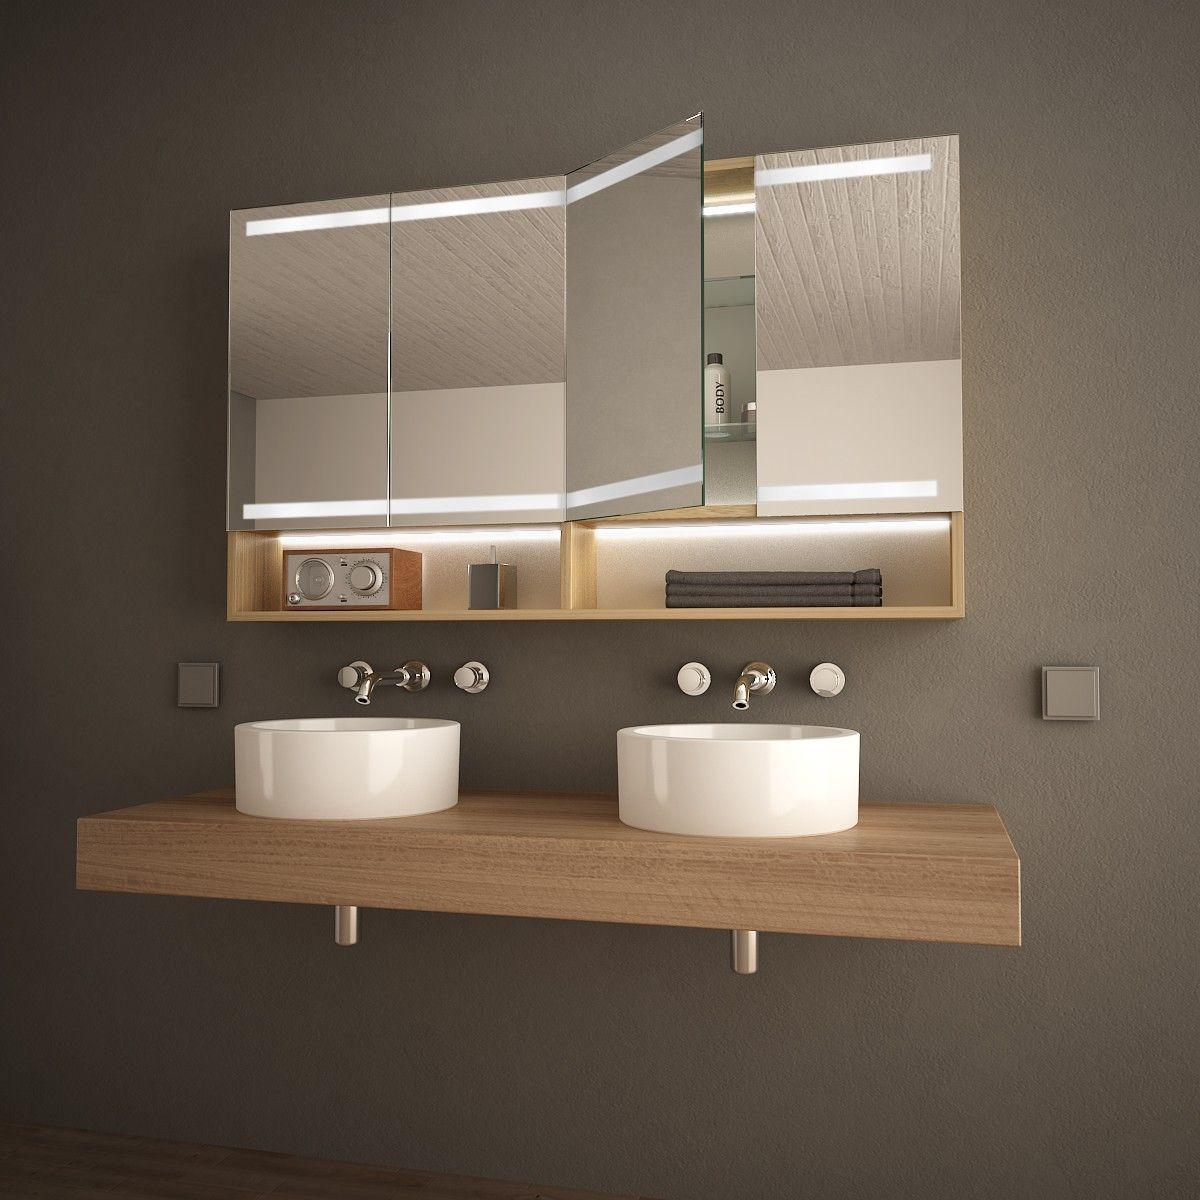 Holz Spiegelschrank Fur Das Bad Armario Badezimmer Spiegelschrank Spiegelschrank Bad Spiegelschrank